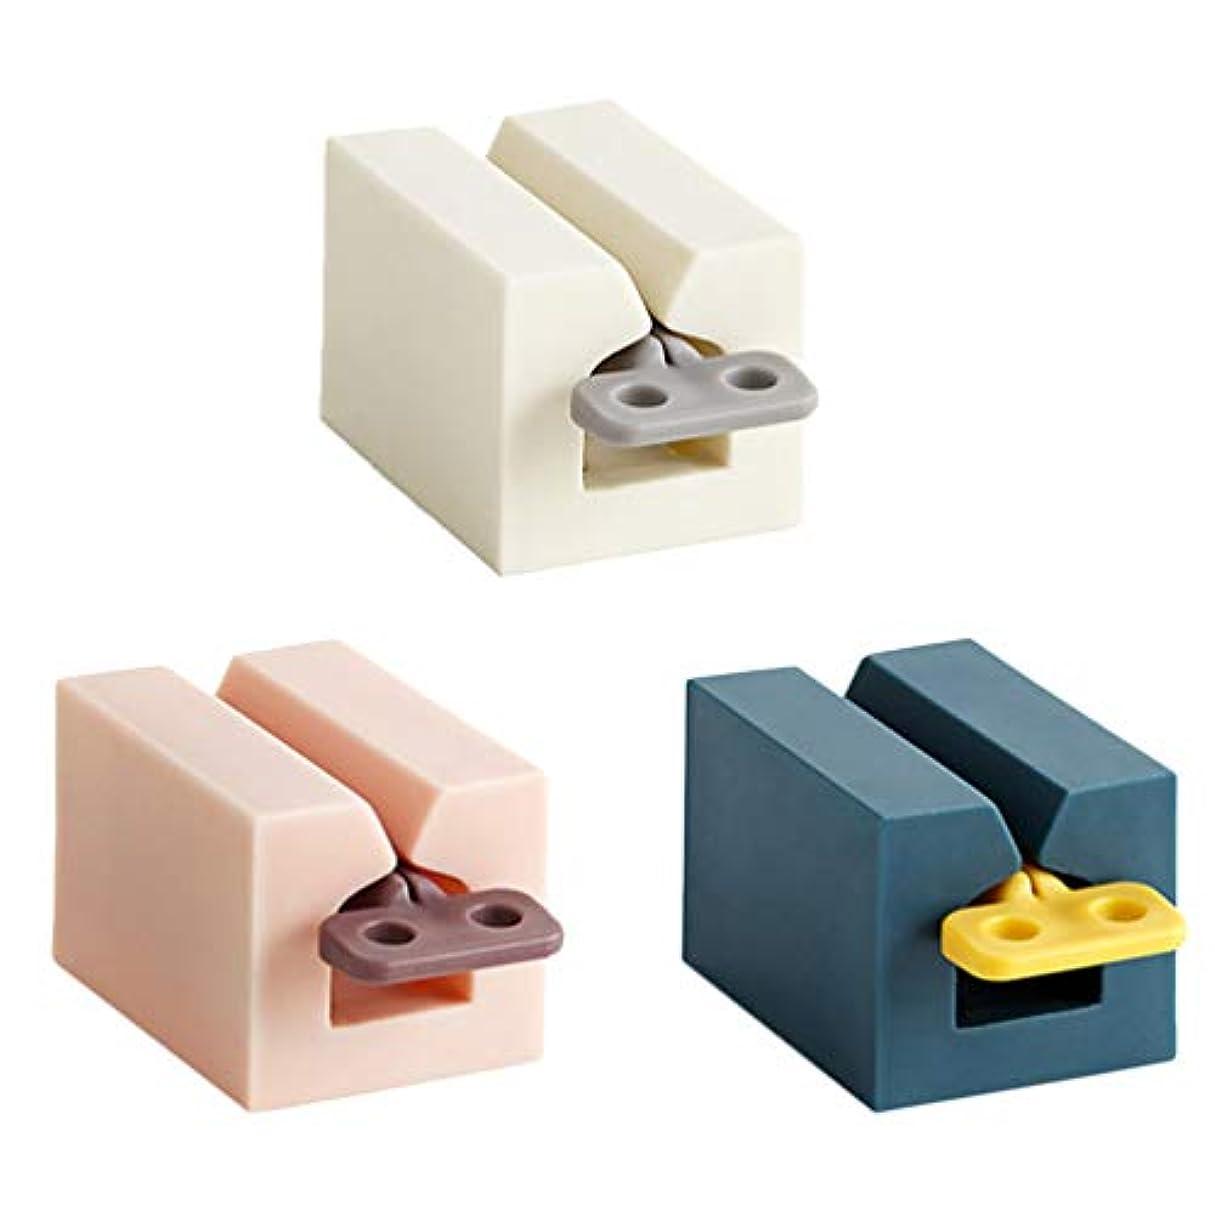 場合リボン地質学Yardwe 3本の歯磨き粉スクイーザ歯磨き粉ローリングホルダー歯磨き粉チューブローラースタンド用ホーム